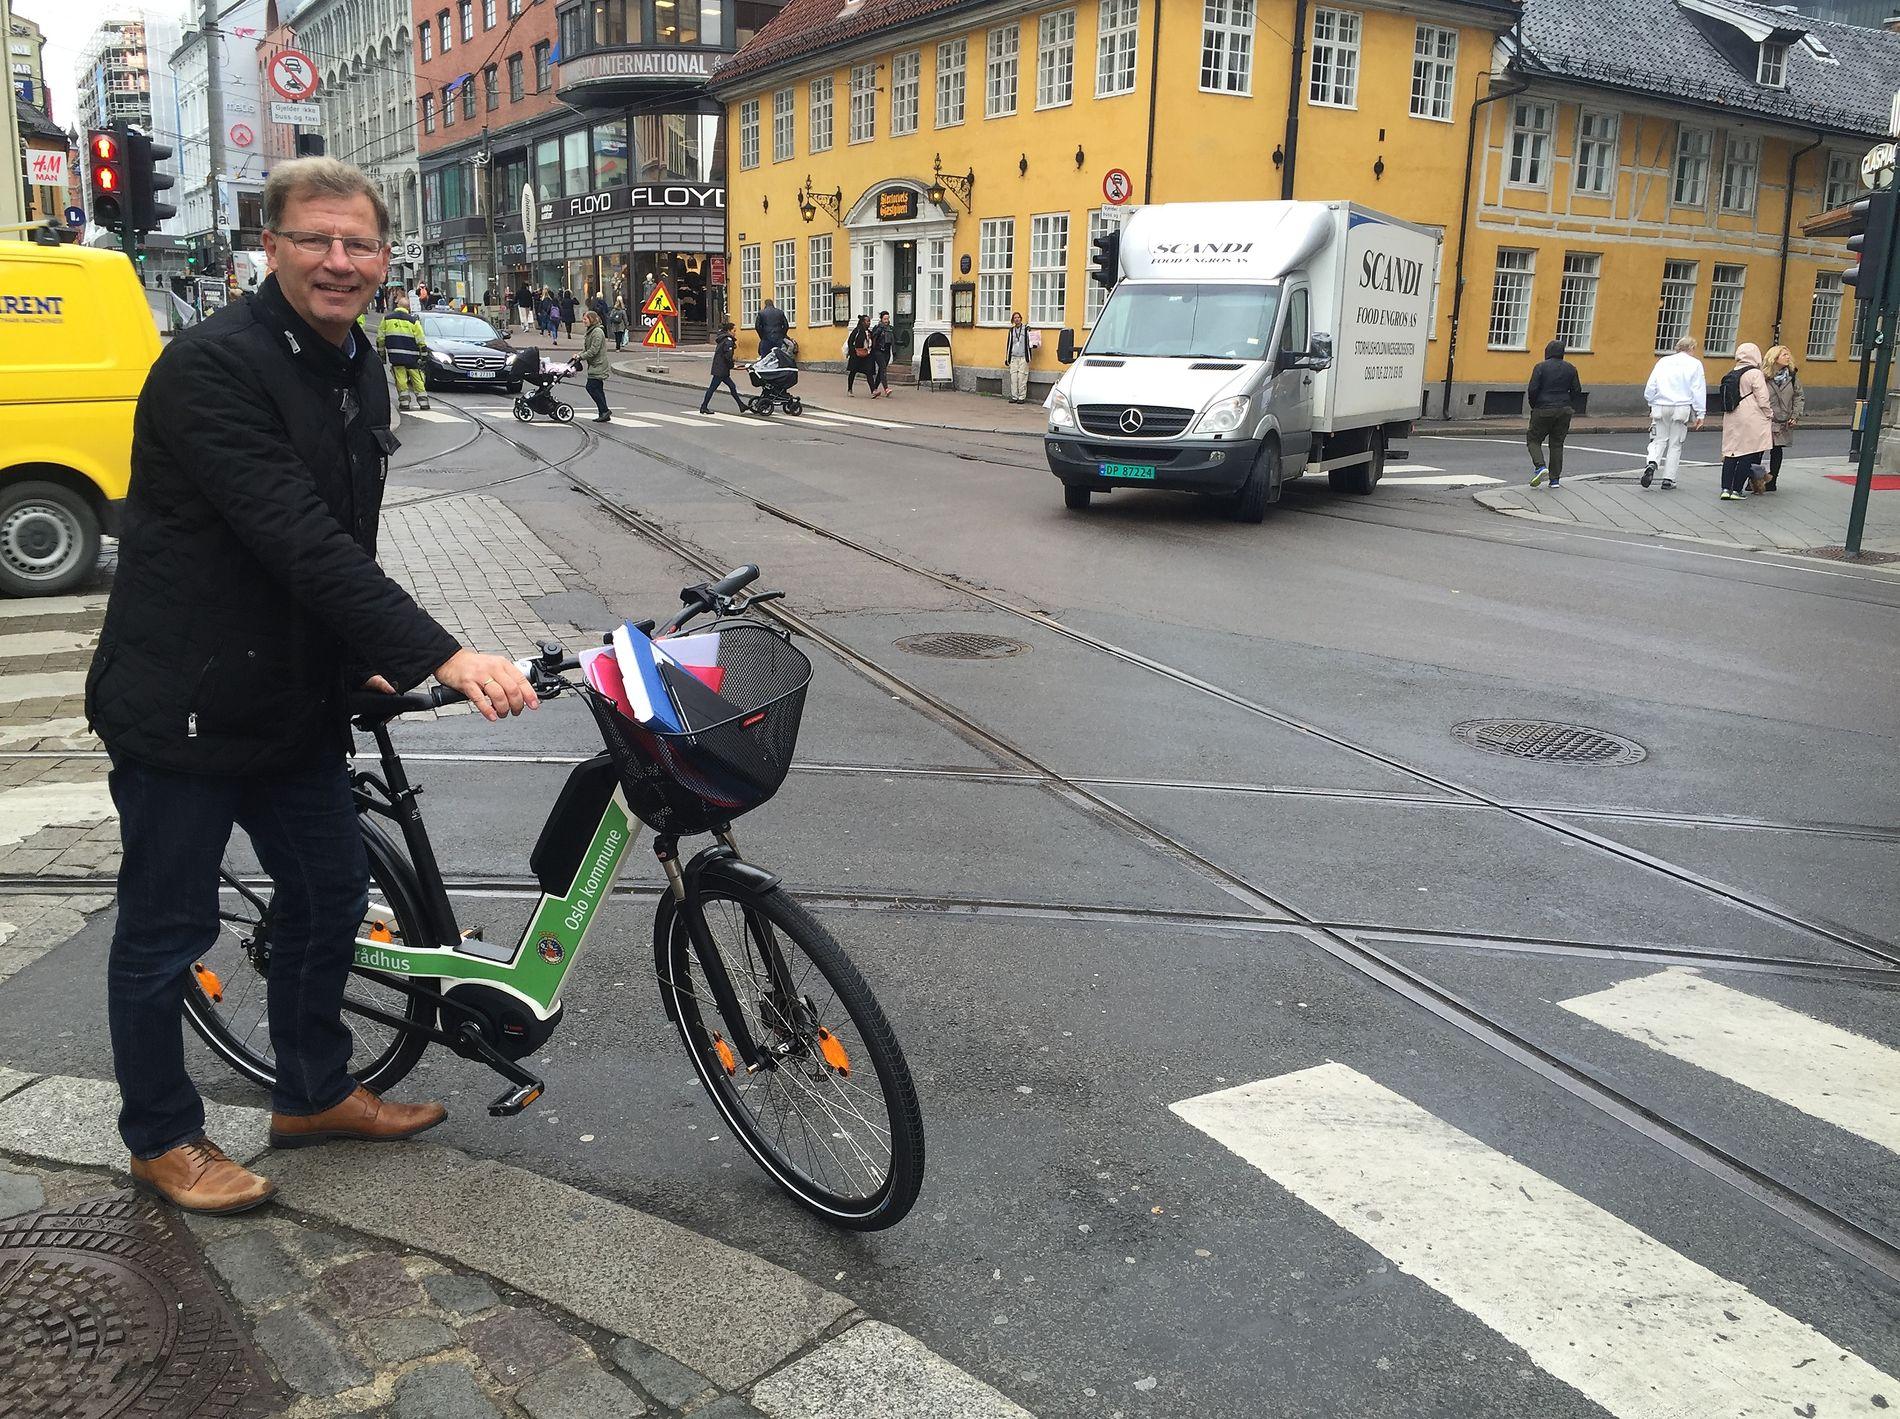 HELDIG, TROSS ALT: Det var tilnærmet bil- og trikkefritt i veikrysset i Grensen ved Stortorvets Gjæstgiveri da finansbyråd Robert Steen i Oslo veltet med elbysykkelen sin etter å ha satt hjulet fast i trikkeskinnene.